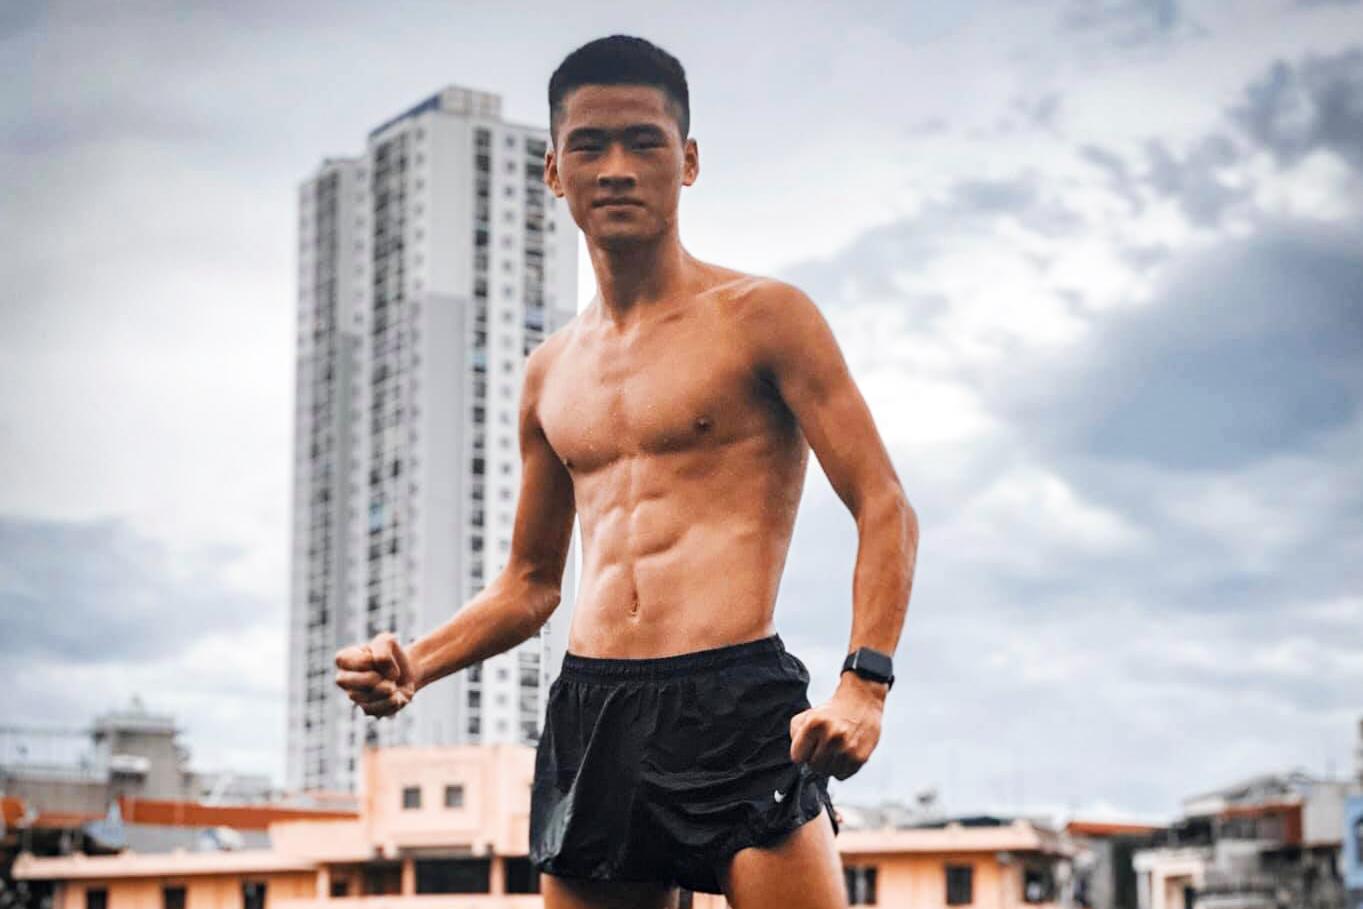 Chàng trai Hà Nội 17 tuổi bụng 6 múi phá kỷ lục đi bộ 5000m Giải Điền kinh trẻ Quốc gia 2020